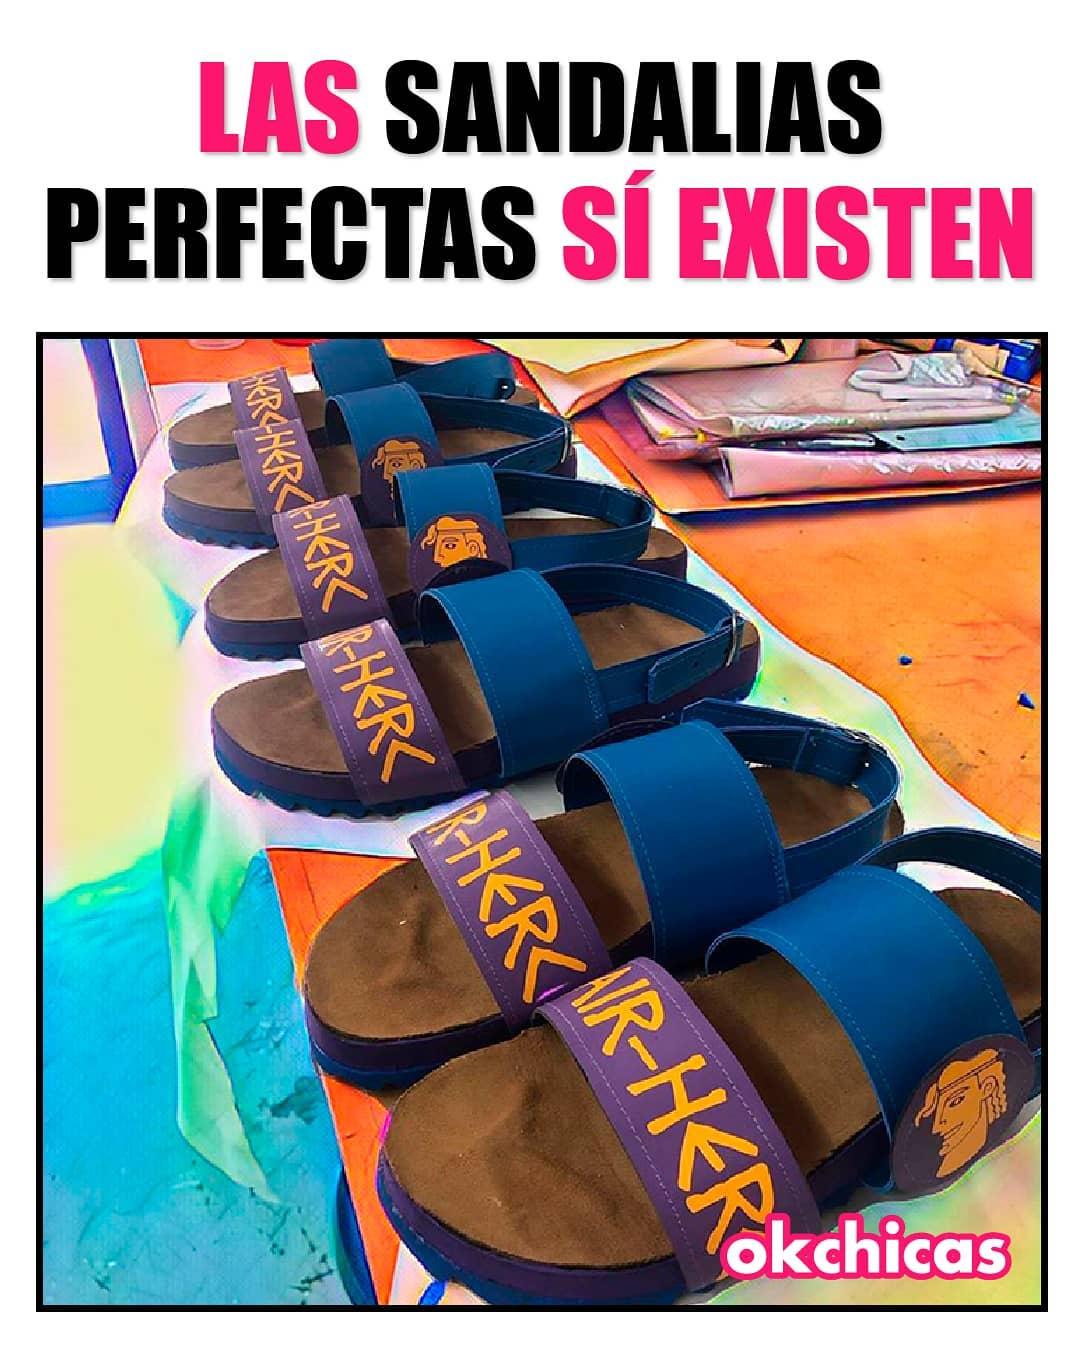 Las sandalias perfectas sí existen.